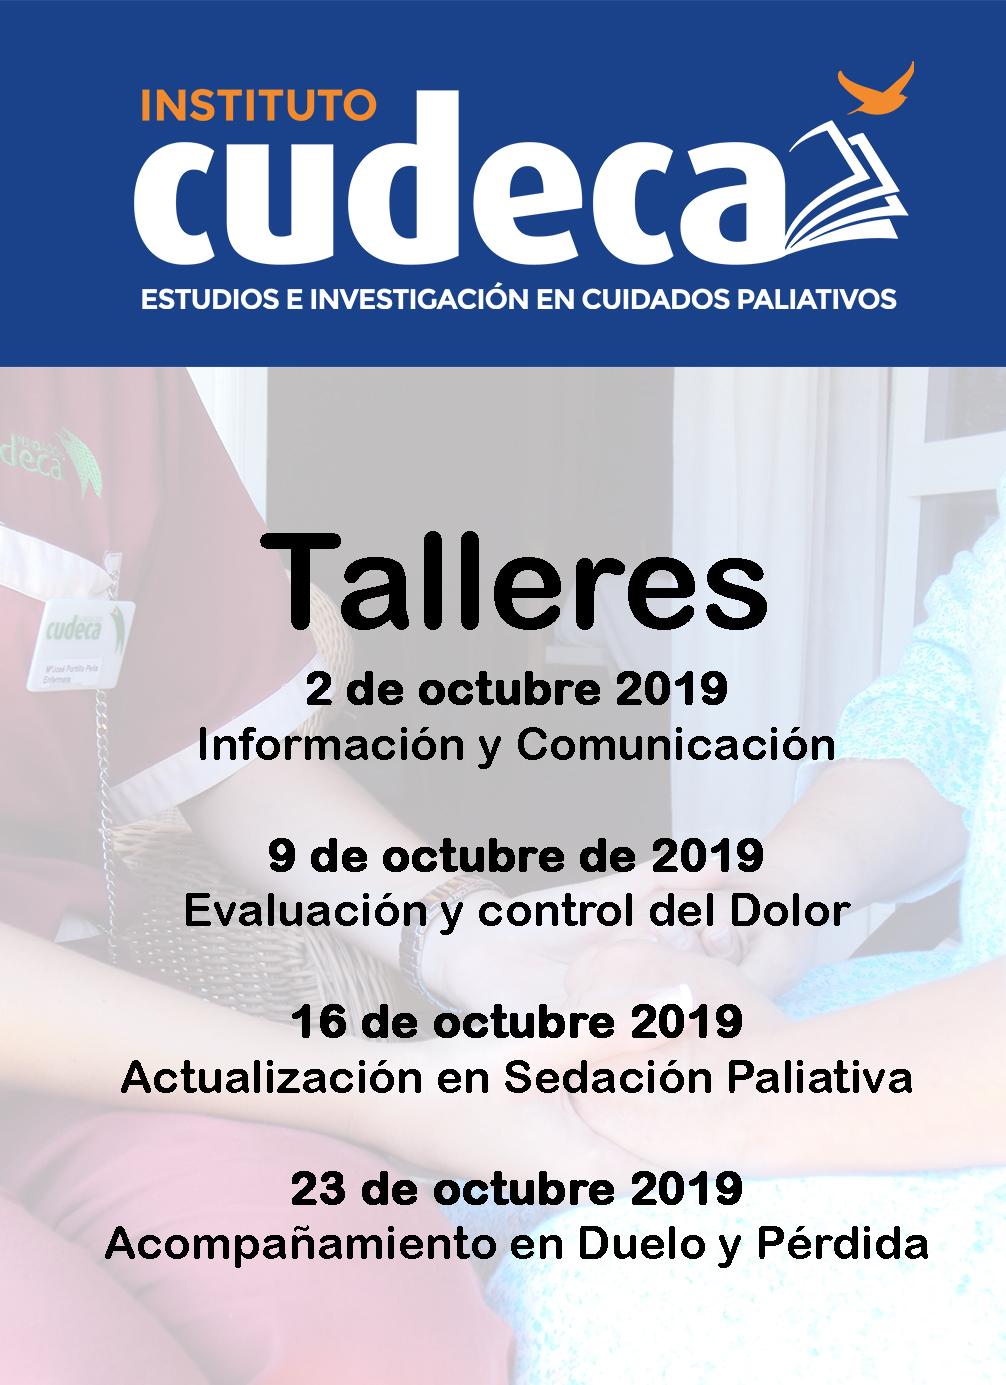 Octubre: mes de talleres en cuidados paliativos